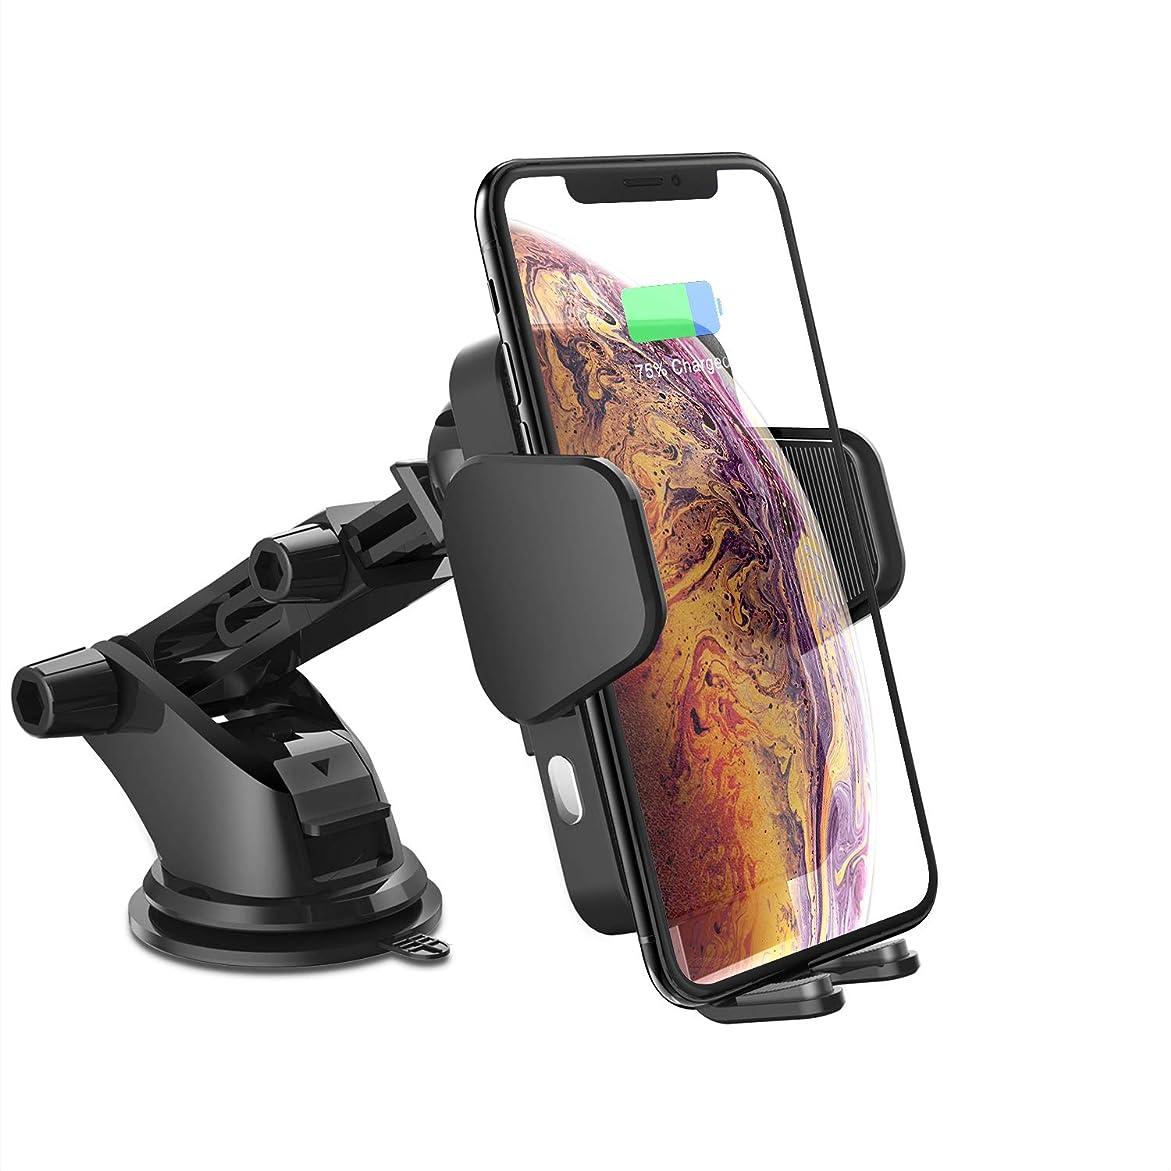 人差し指喉頭乱気流車載 Qi ワイヤレス充電器 車載 ホルダー 自動開閉式 10W/7.5W /5W オートホールド無線充電器 粘着式&吹き出し口両用 360度回転 スマホスタンド iPhone X/XR/XS/XSMAX/8/8 Plus/Galaxy S9/S8/S8 Plus/S7/S7 Edge/S6/S6 Edge/Note 8/Note 5/Nexus